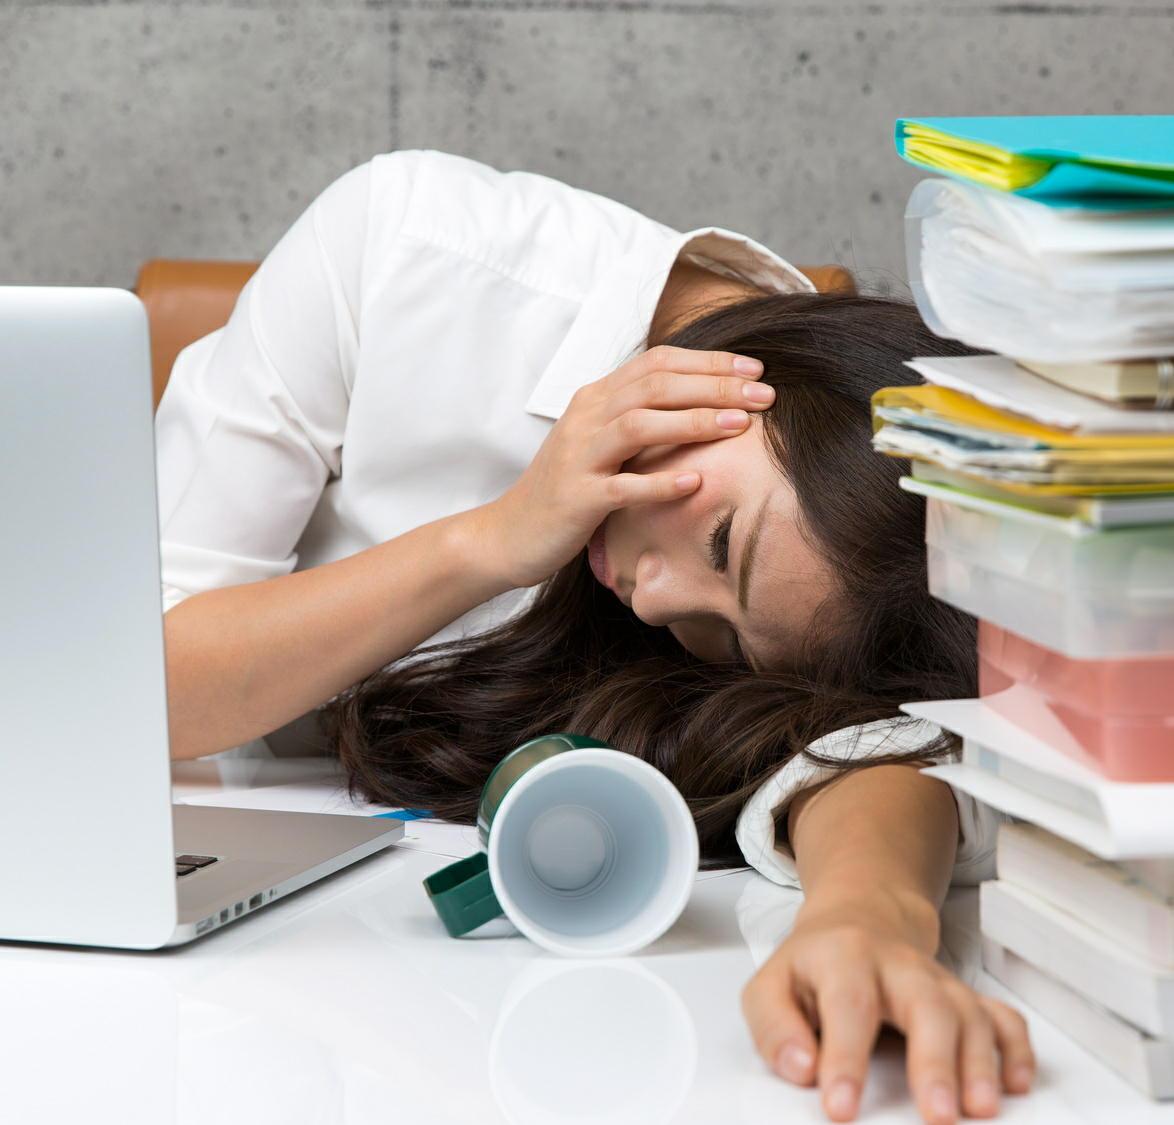 精神疾患の労災認定の5割は20~30代の若者 ストレスチェックが必要